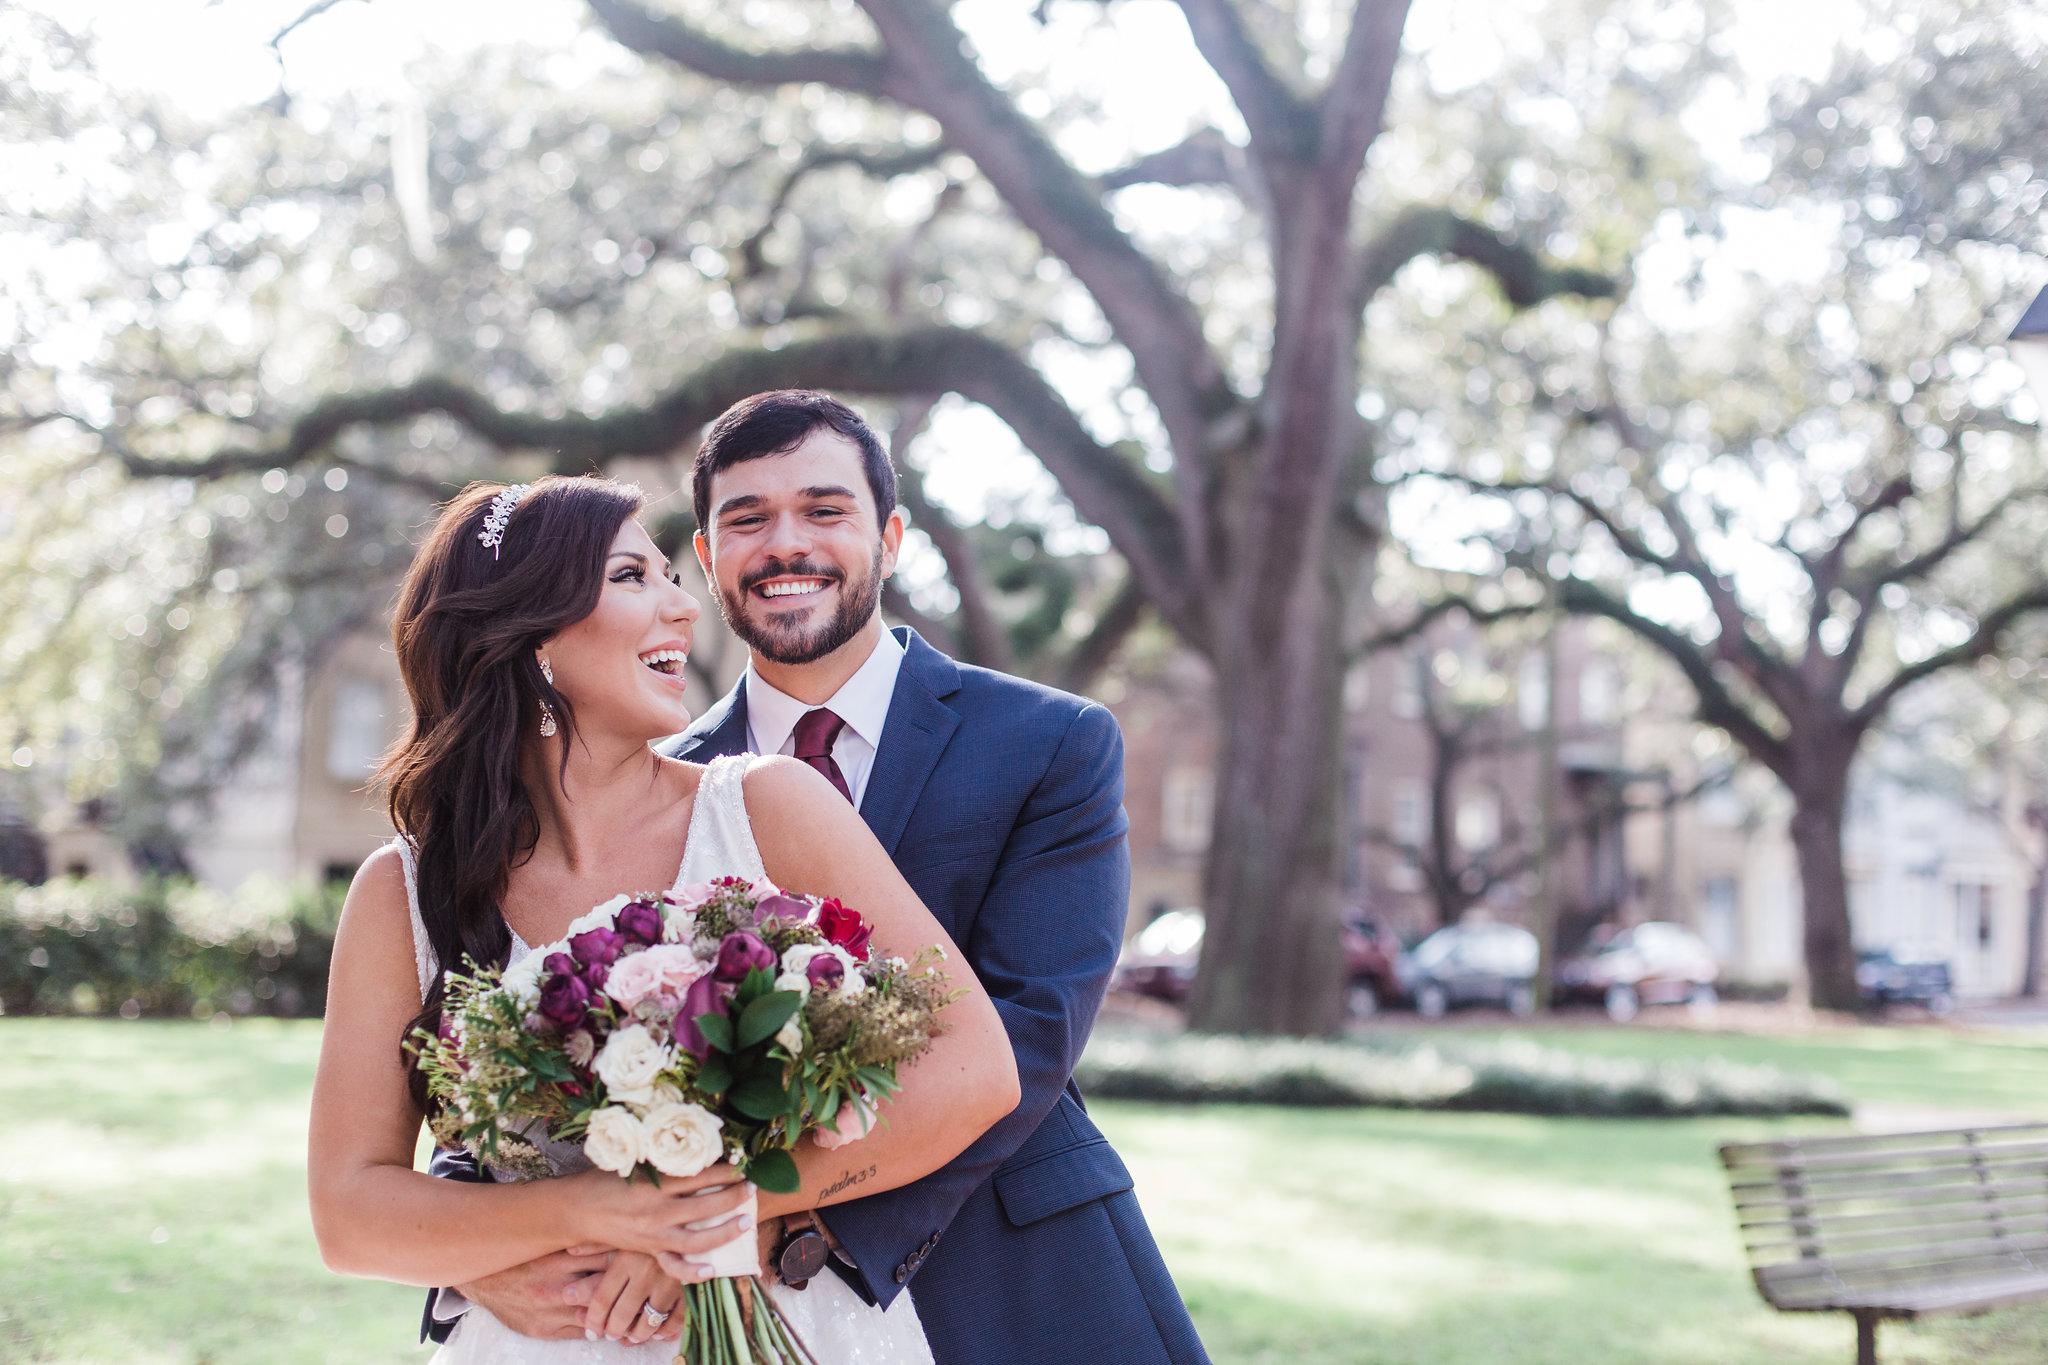 apt-b-photography-lindsey-shawn-Savannah-wedding-photographer-savannah-elopement-photographer-historic-savannah-elopement-savannah-weddings-hilton-head-wedding-photographer-jekyll-island-wedding-photographer-18.jpg